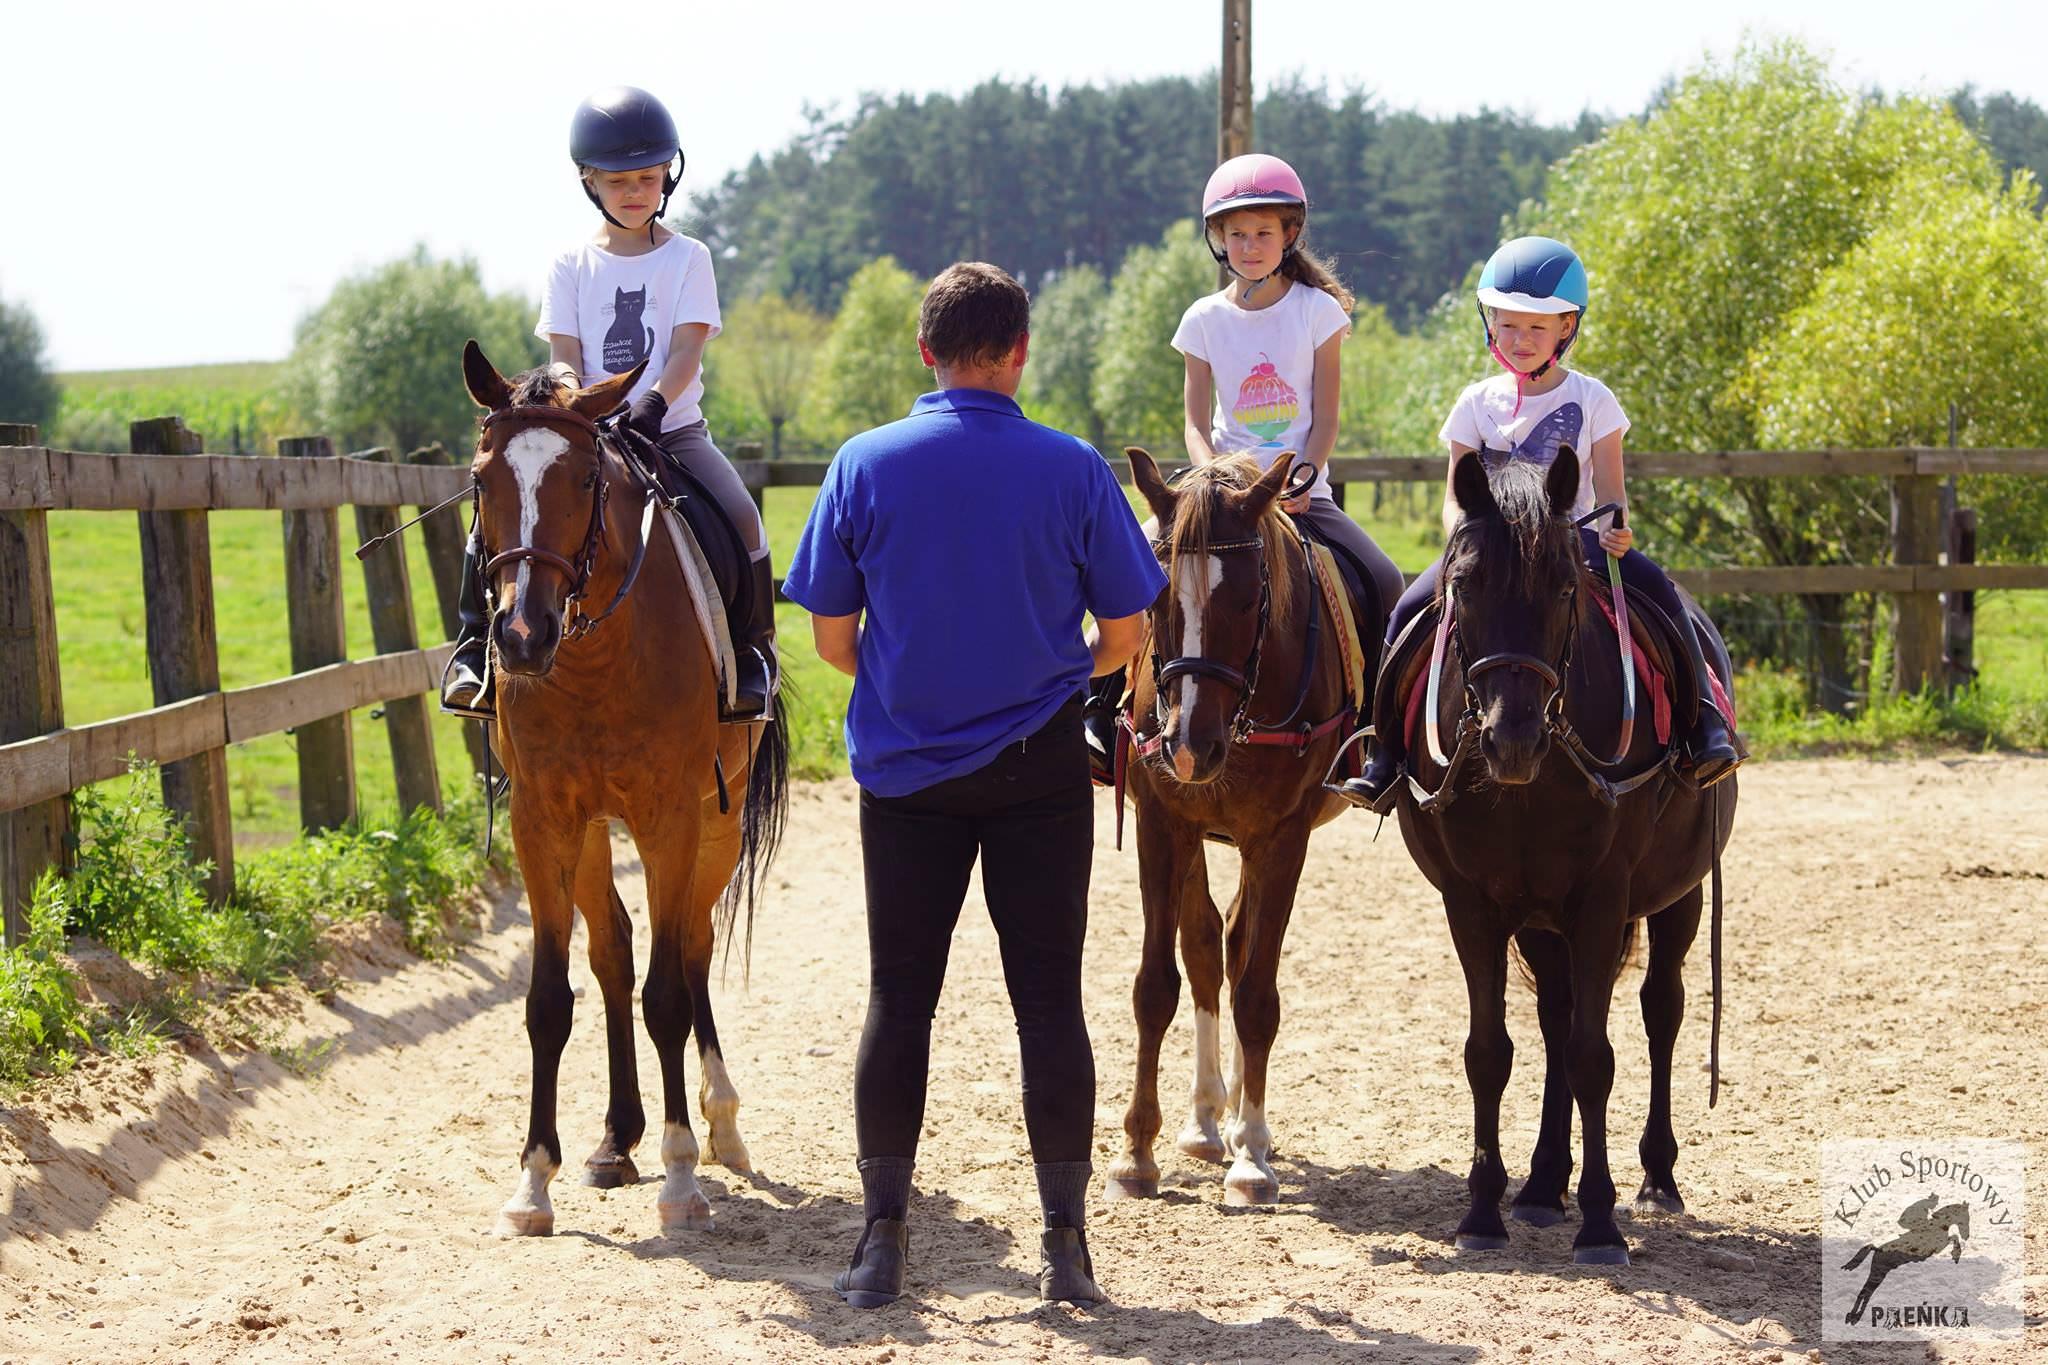 Szkolenie jeździeckie 20-22.10.2017r.